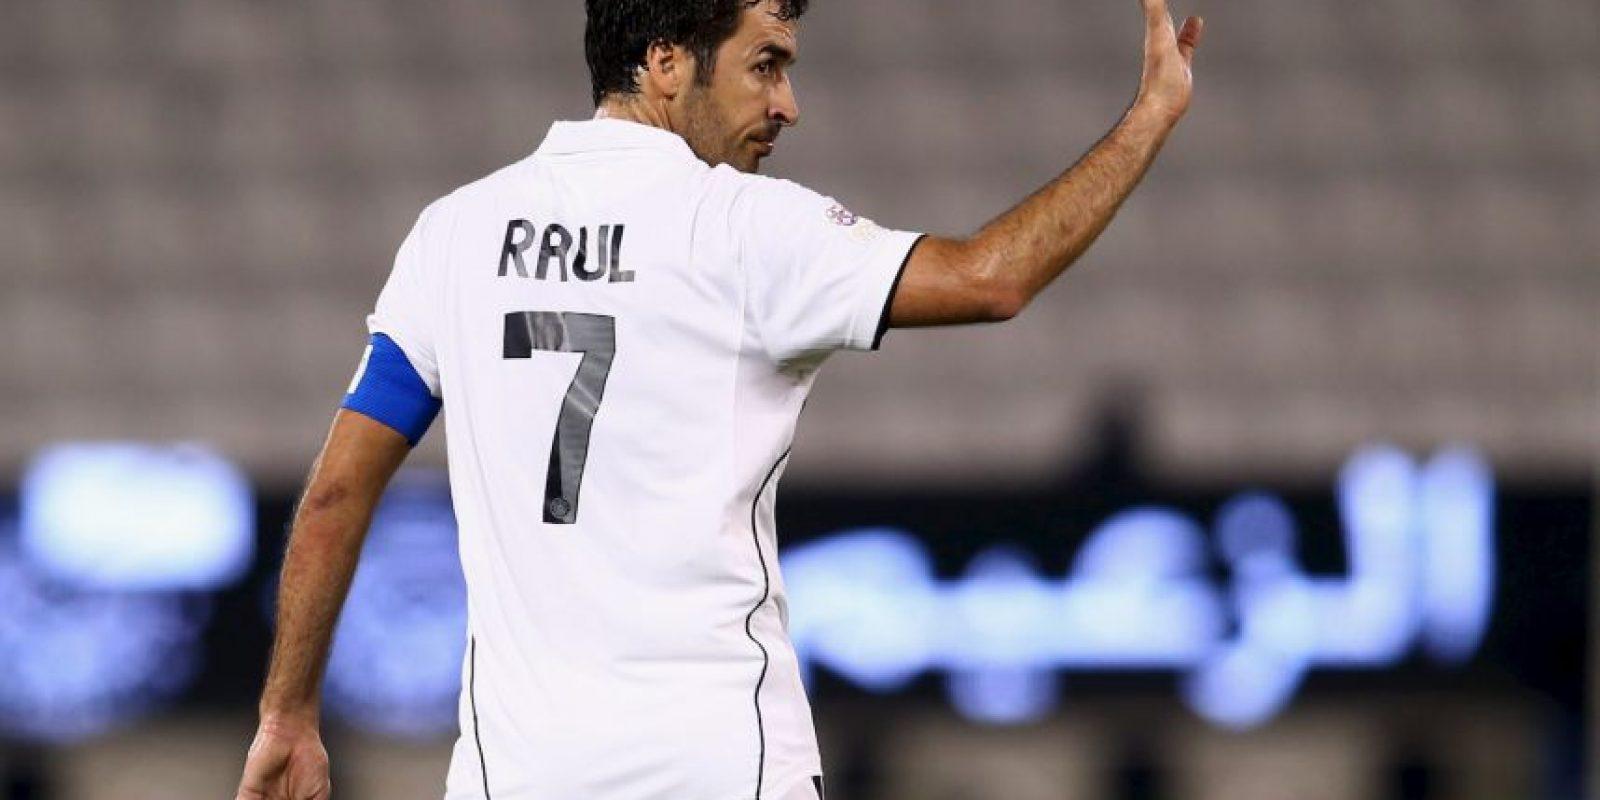 Raúl Foto:Getty Images